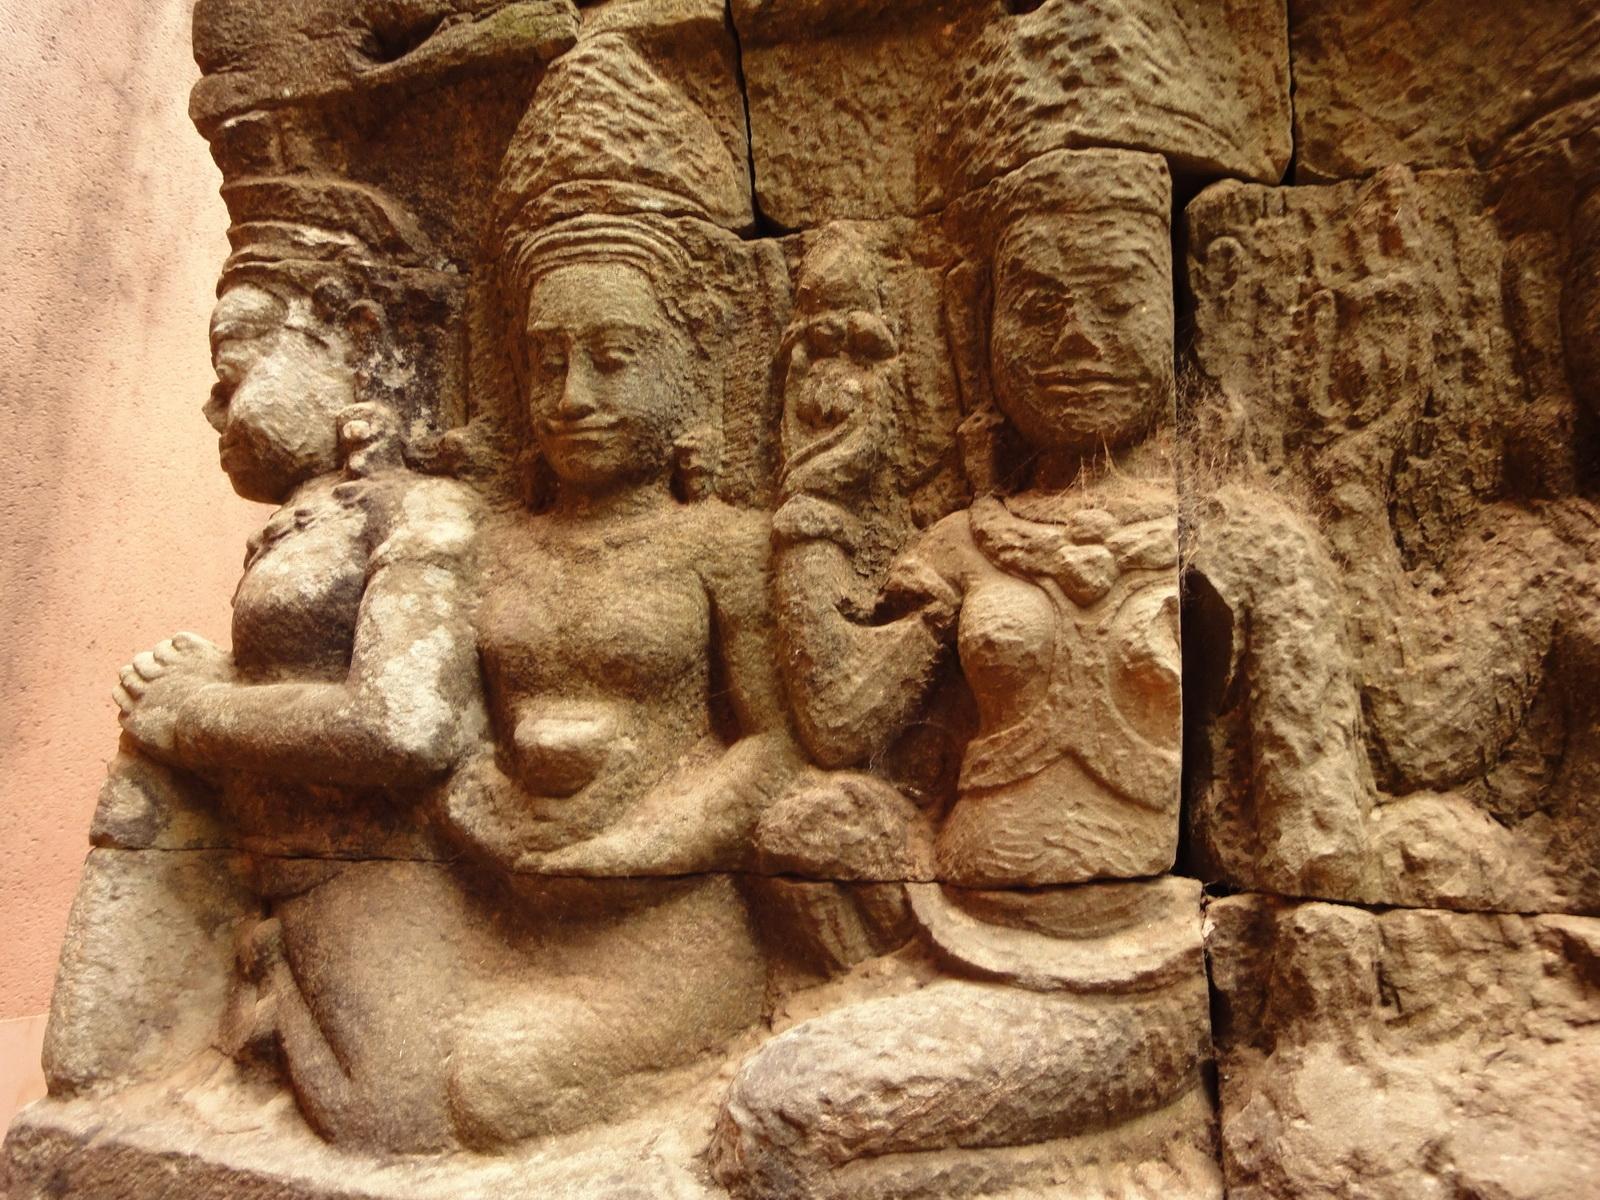 Leper King Terrace hidden wall underworld Nagas and deities 073